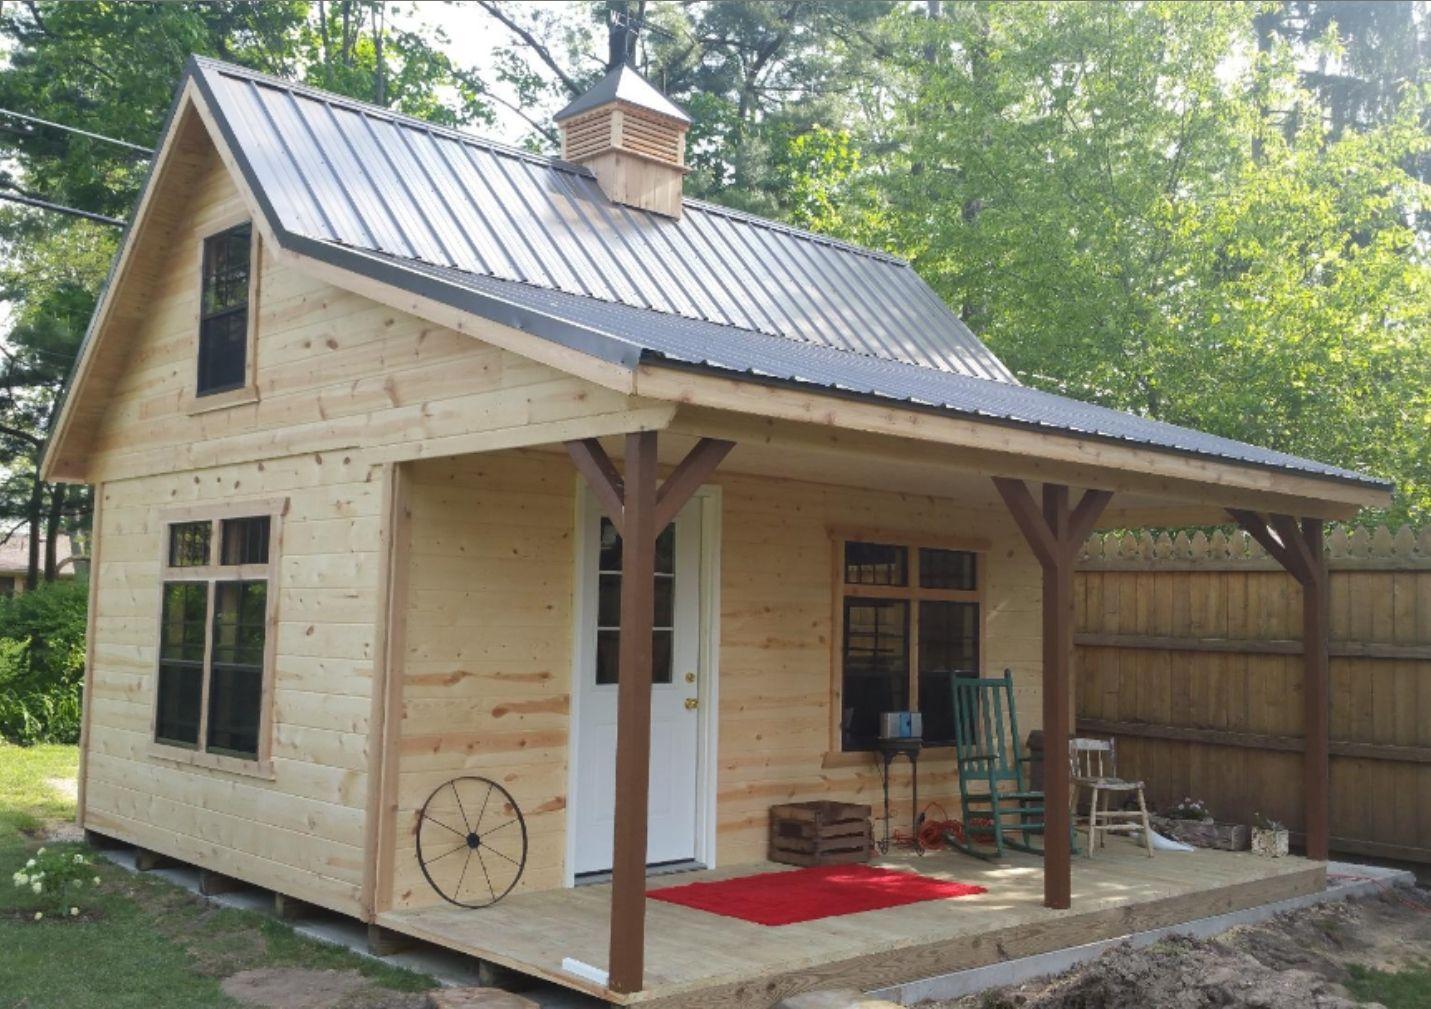 A-Frame Cabins - Miller Storage Barns | Backyard cabin ...